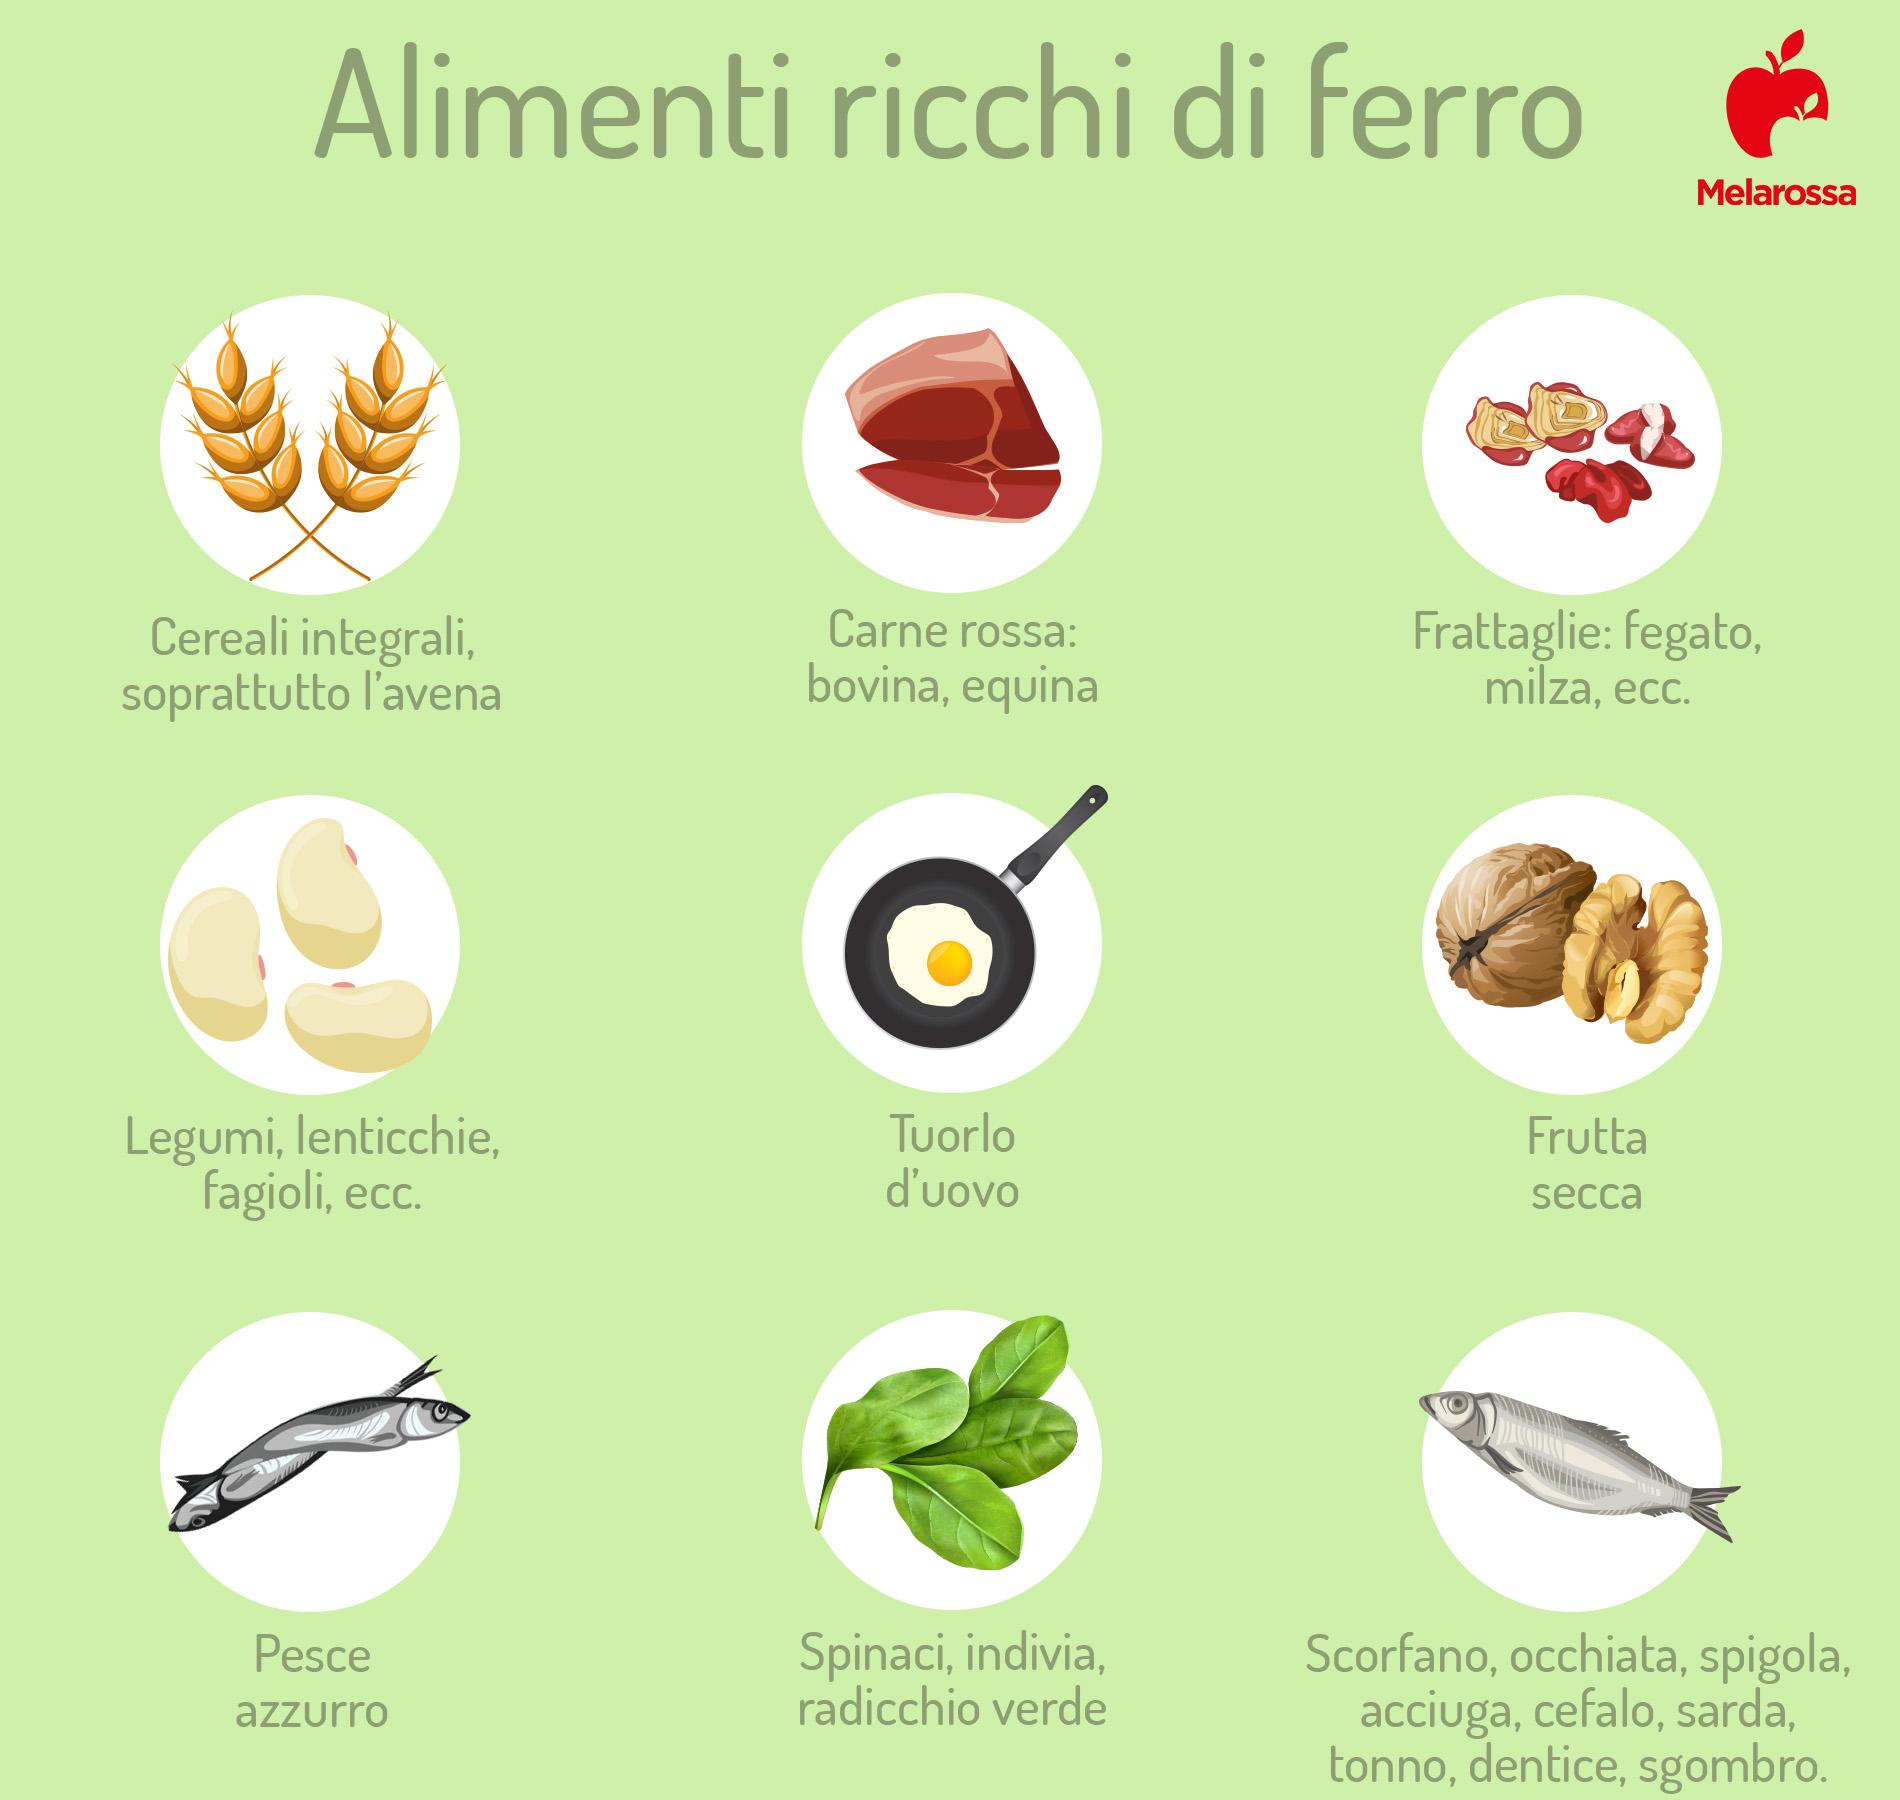 dieta in allattamento: alimenti ricchi di ferro